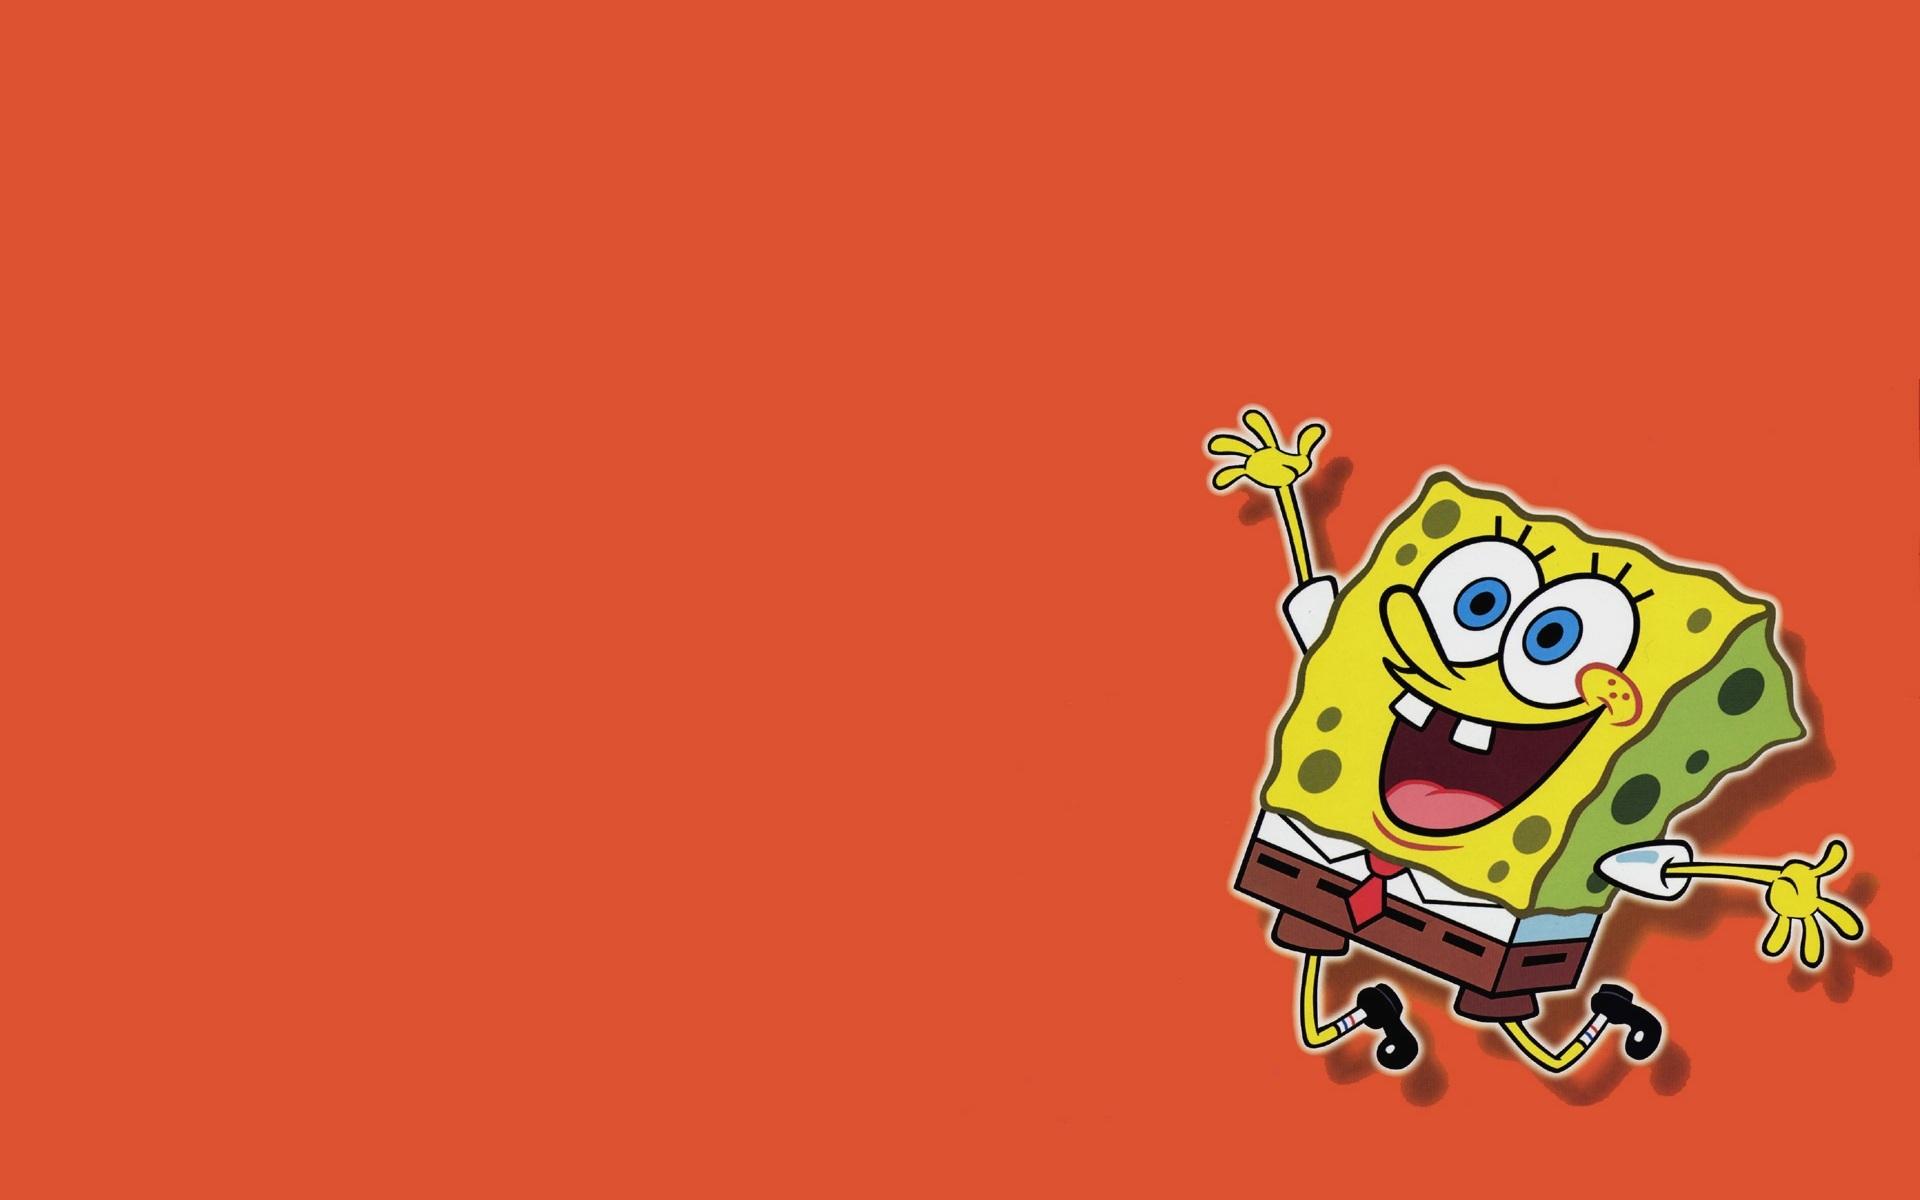 spongebob 15617